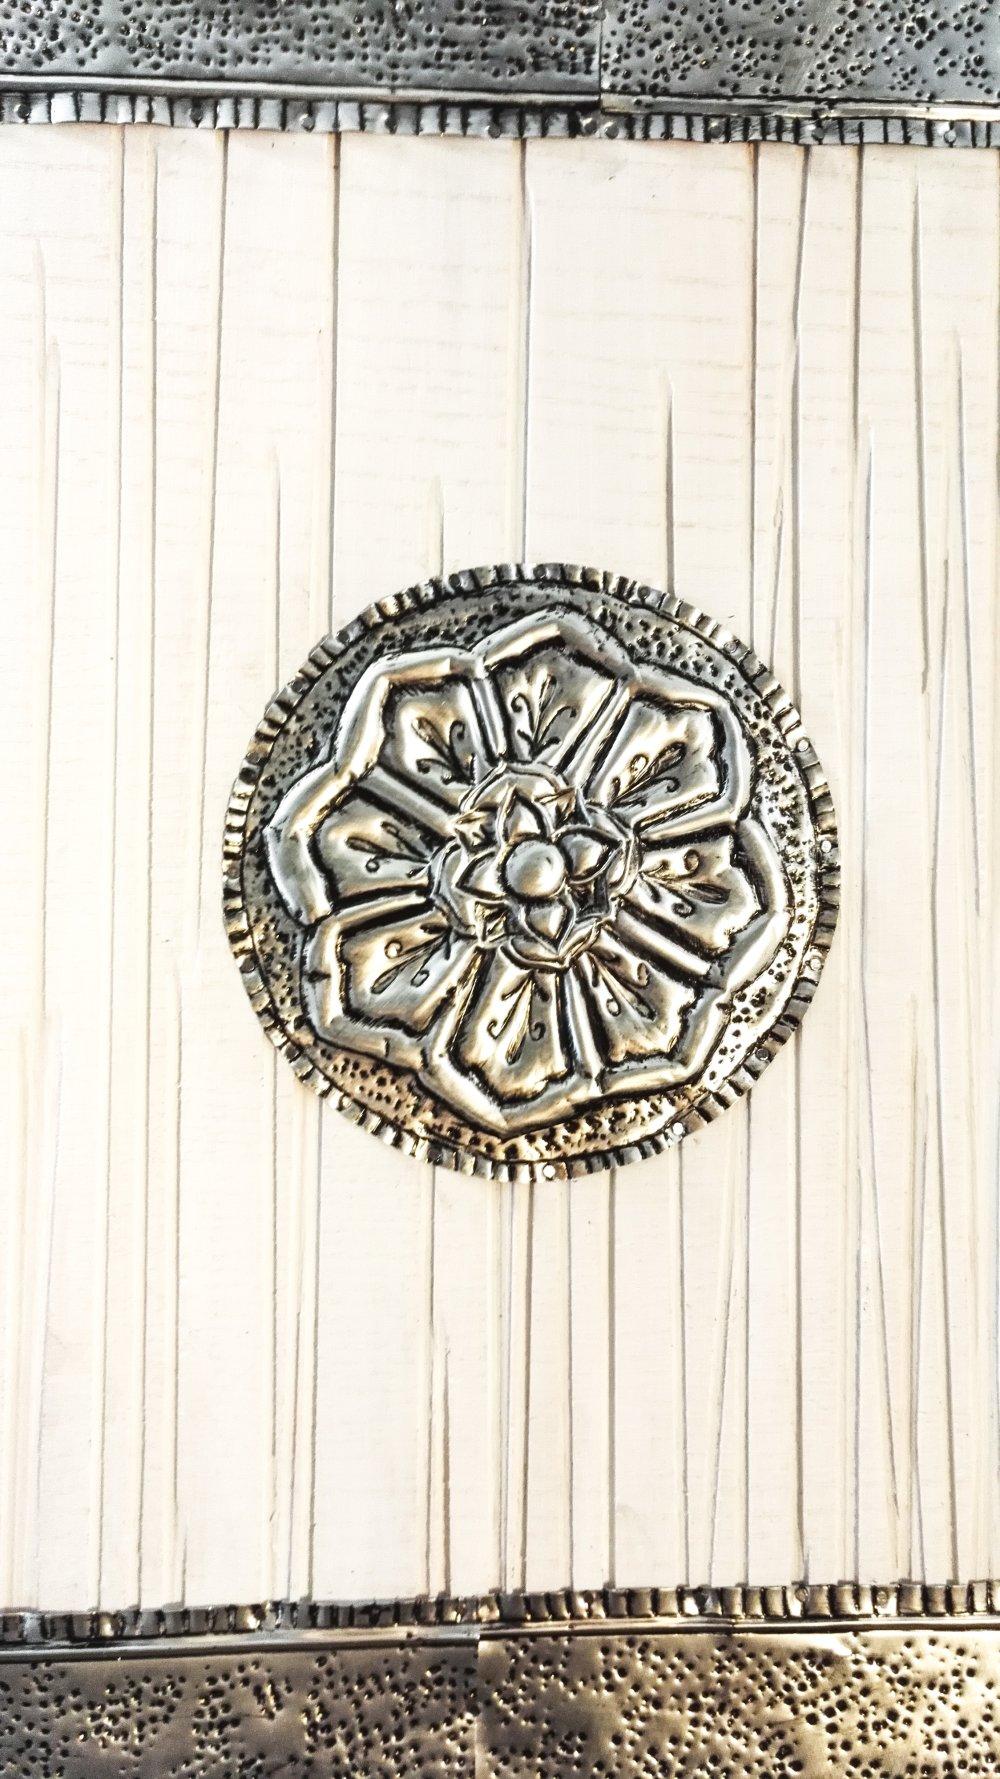 Tableau carré d'inspiration orientale en métal repoussé - 100% Récup' (planche et canettes)